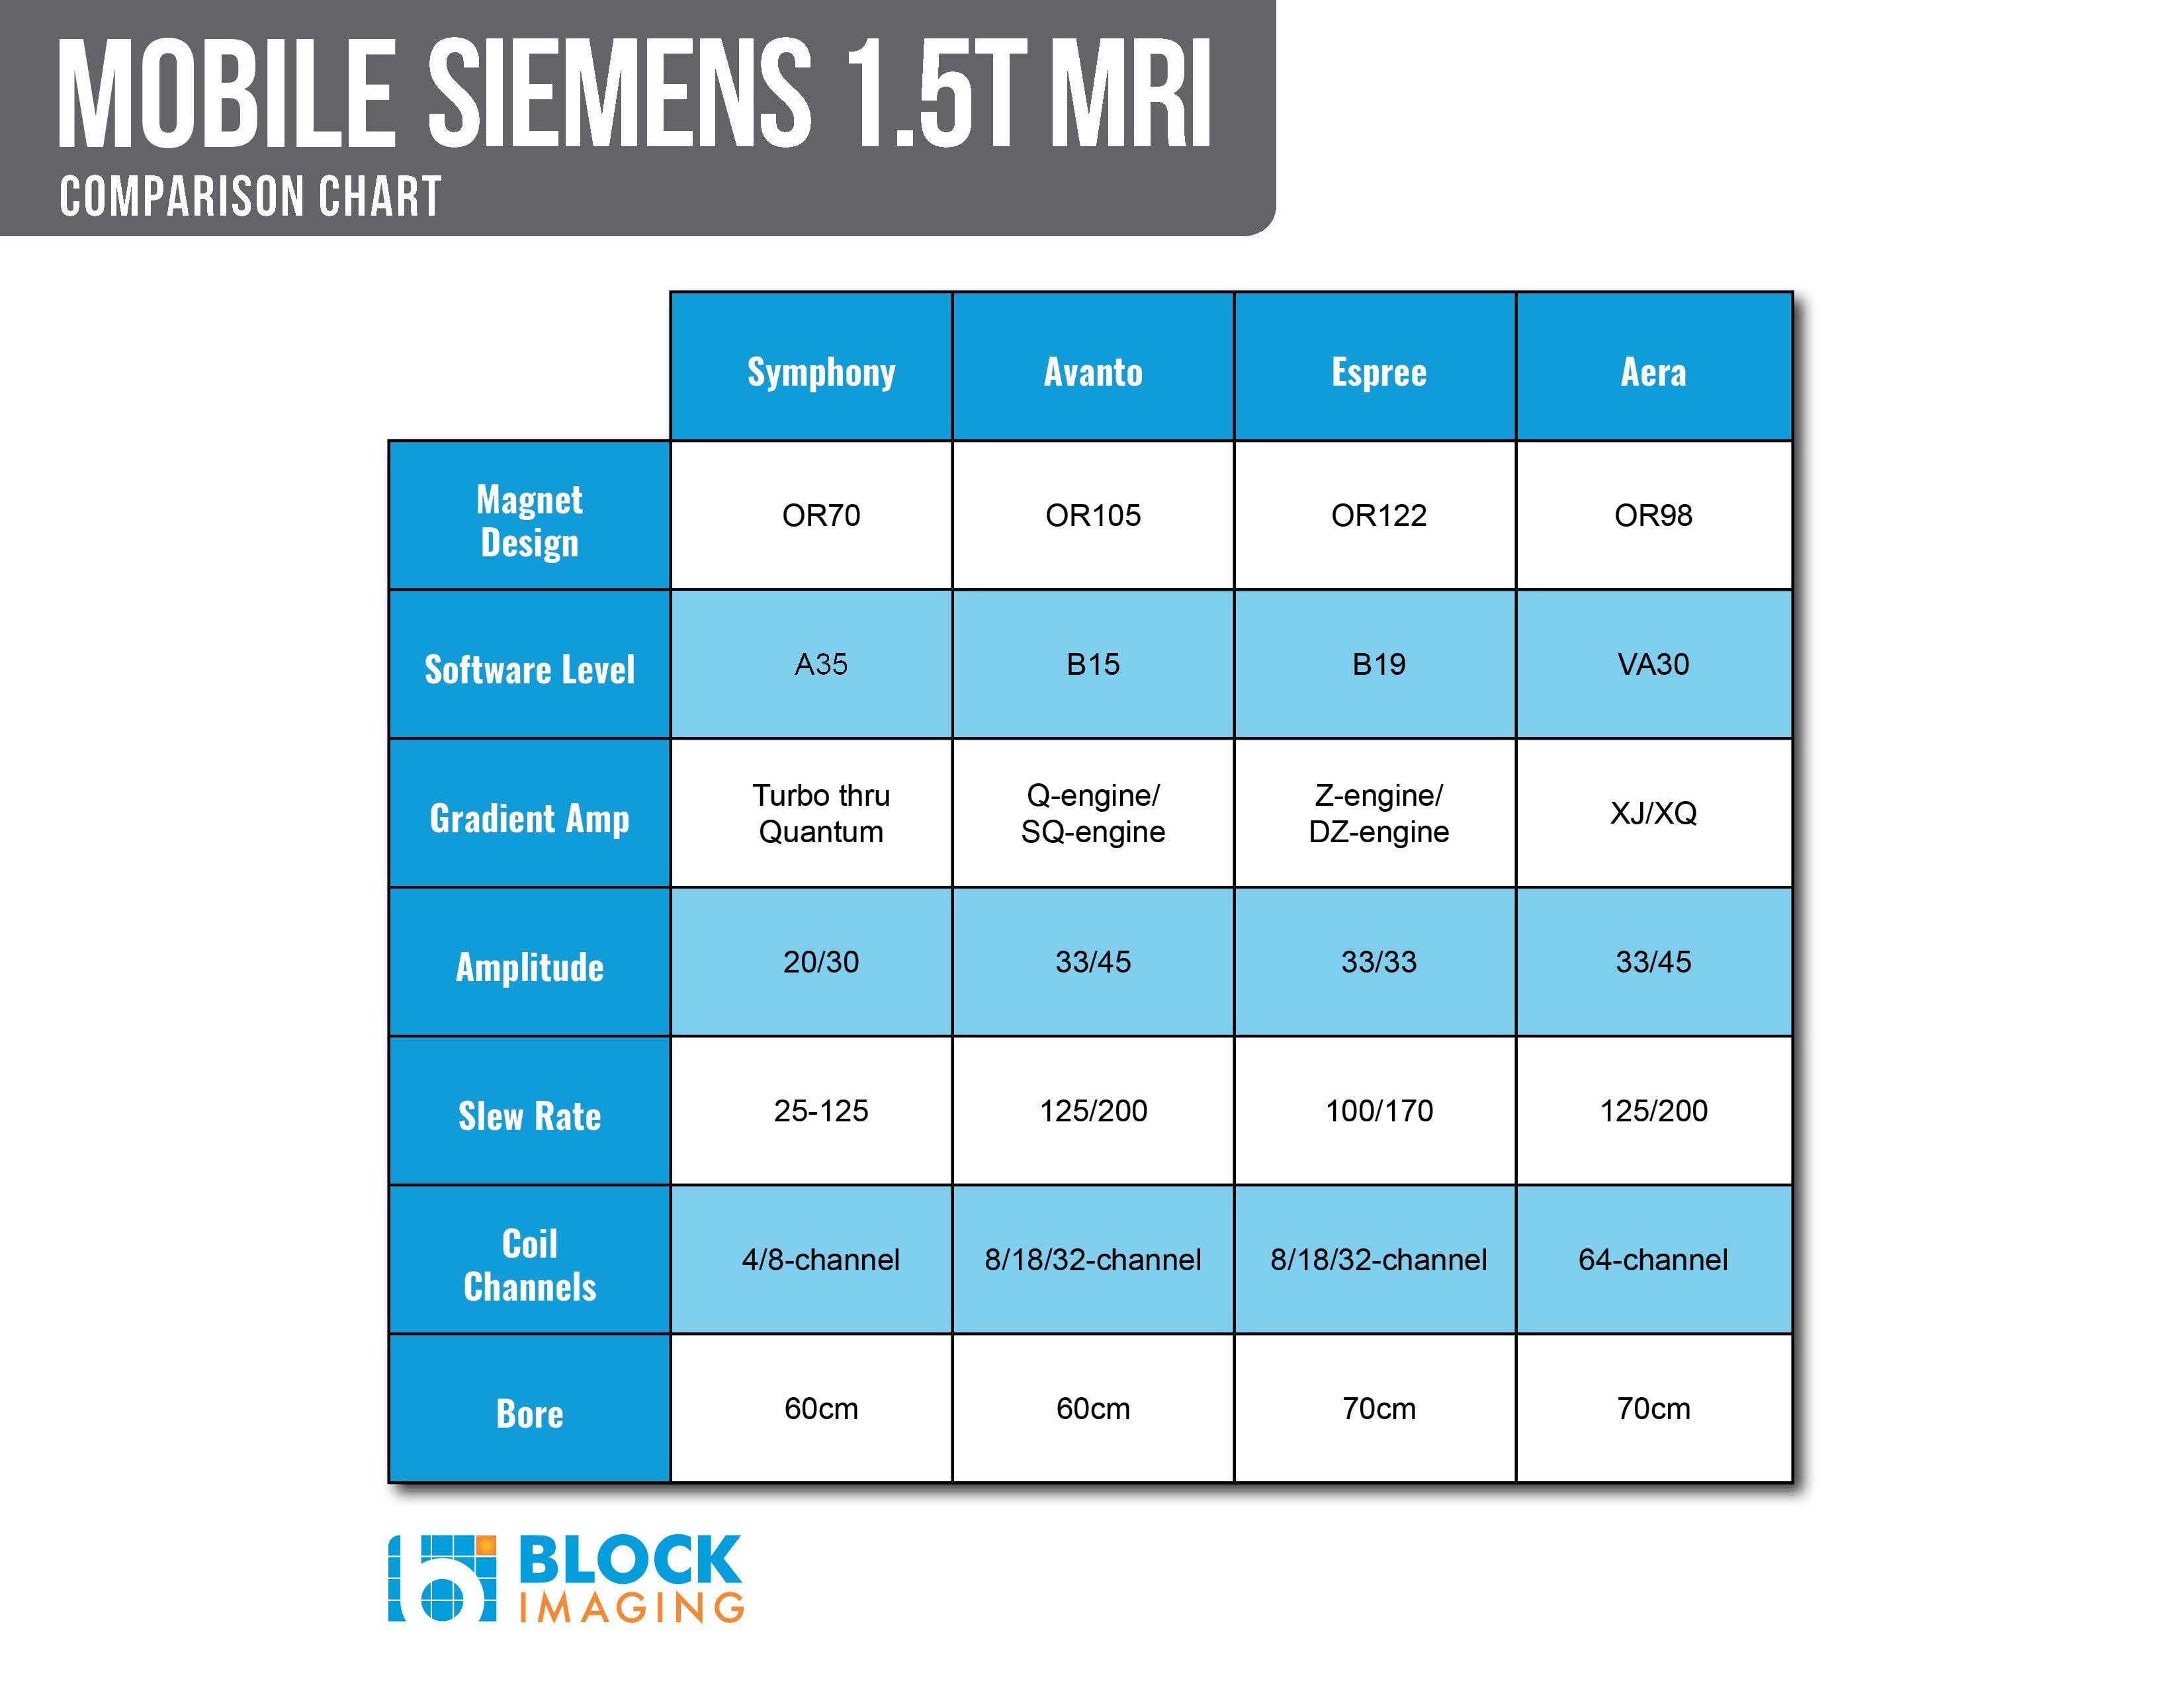 siemens-mobile-1.5T-comparison